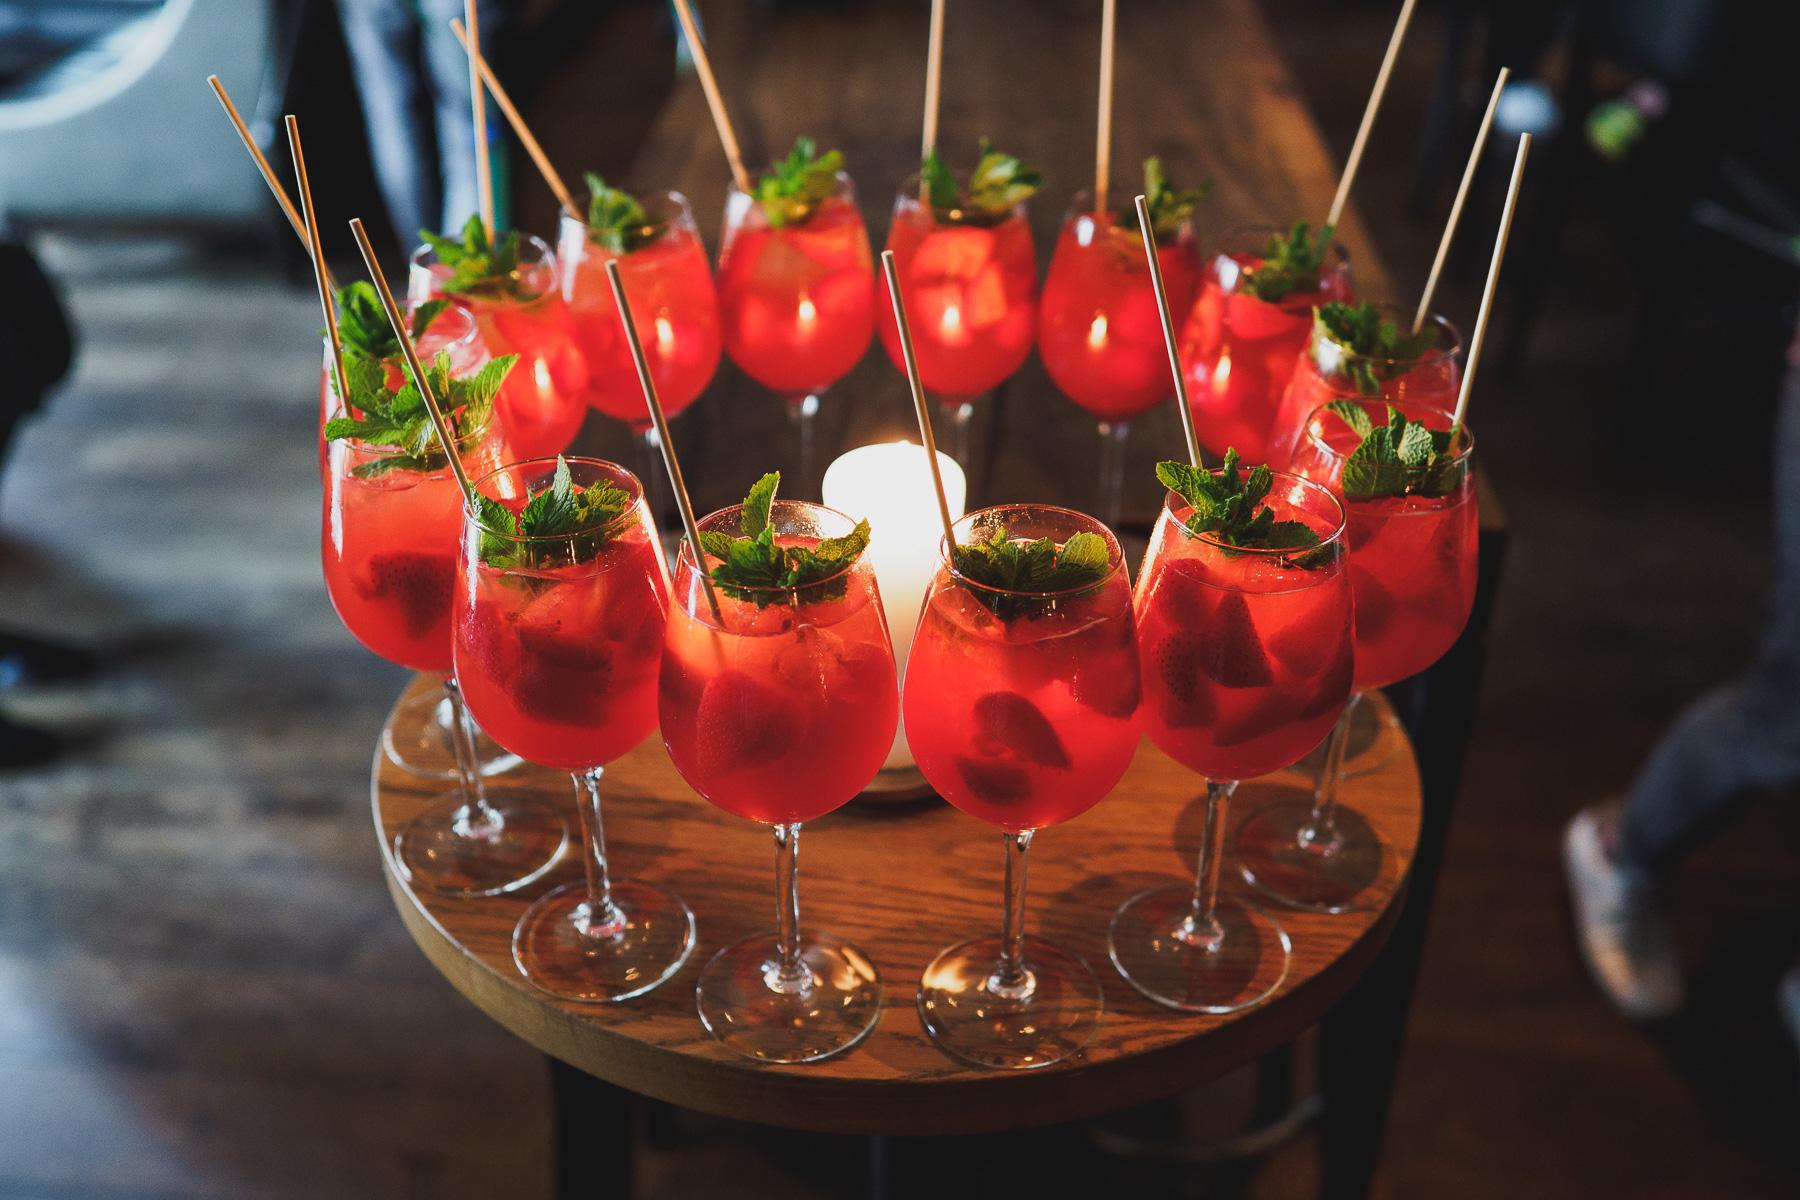 Erdbeerbowle im The George Hotel